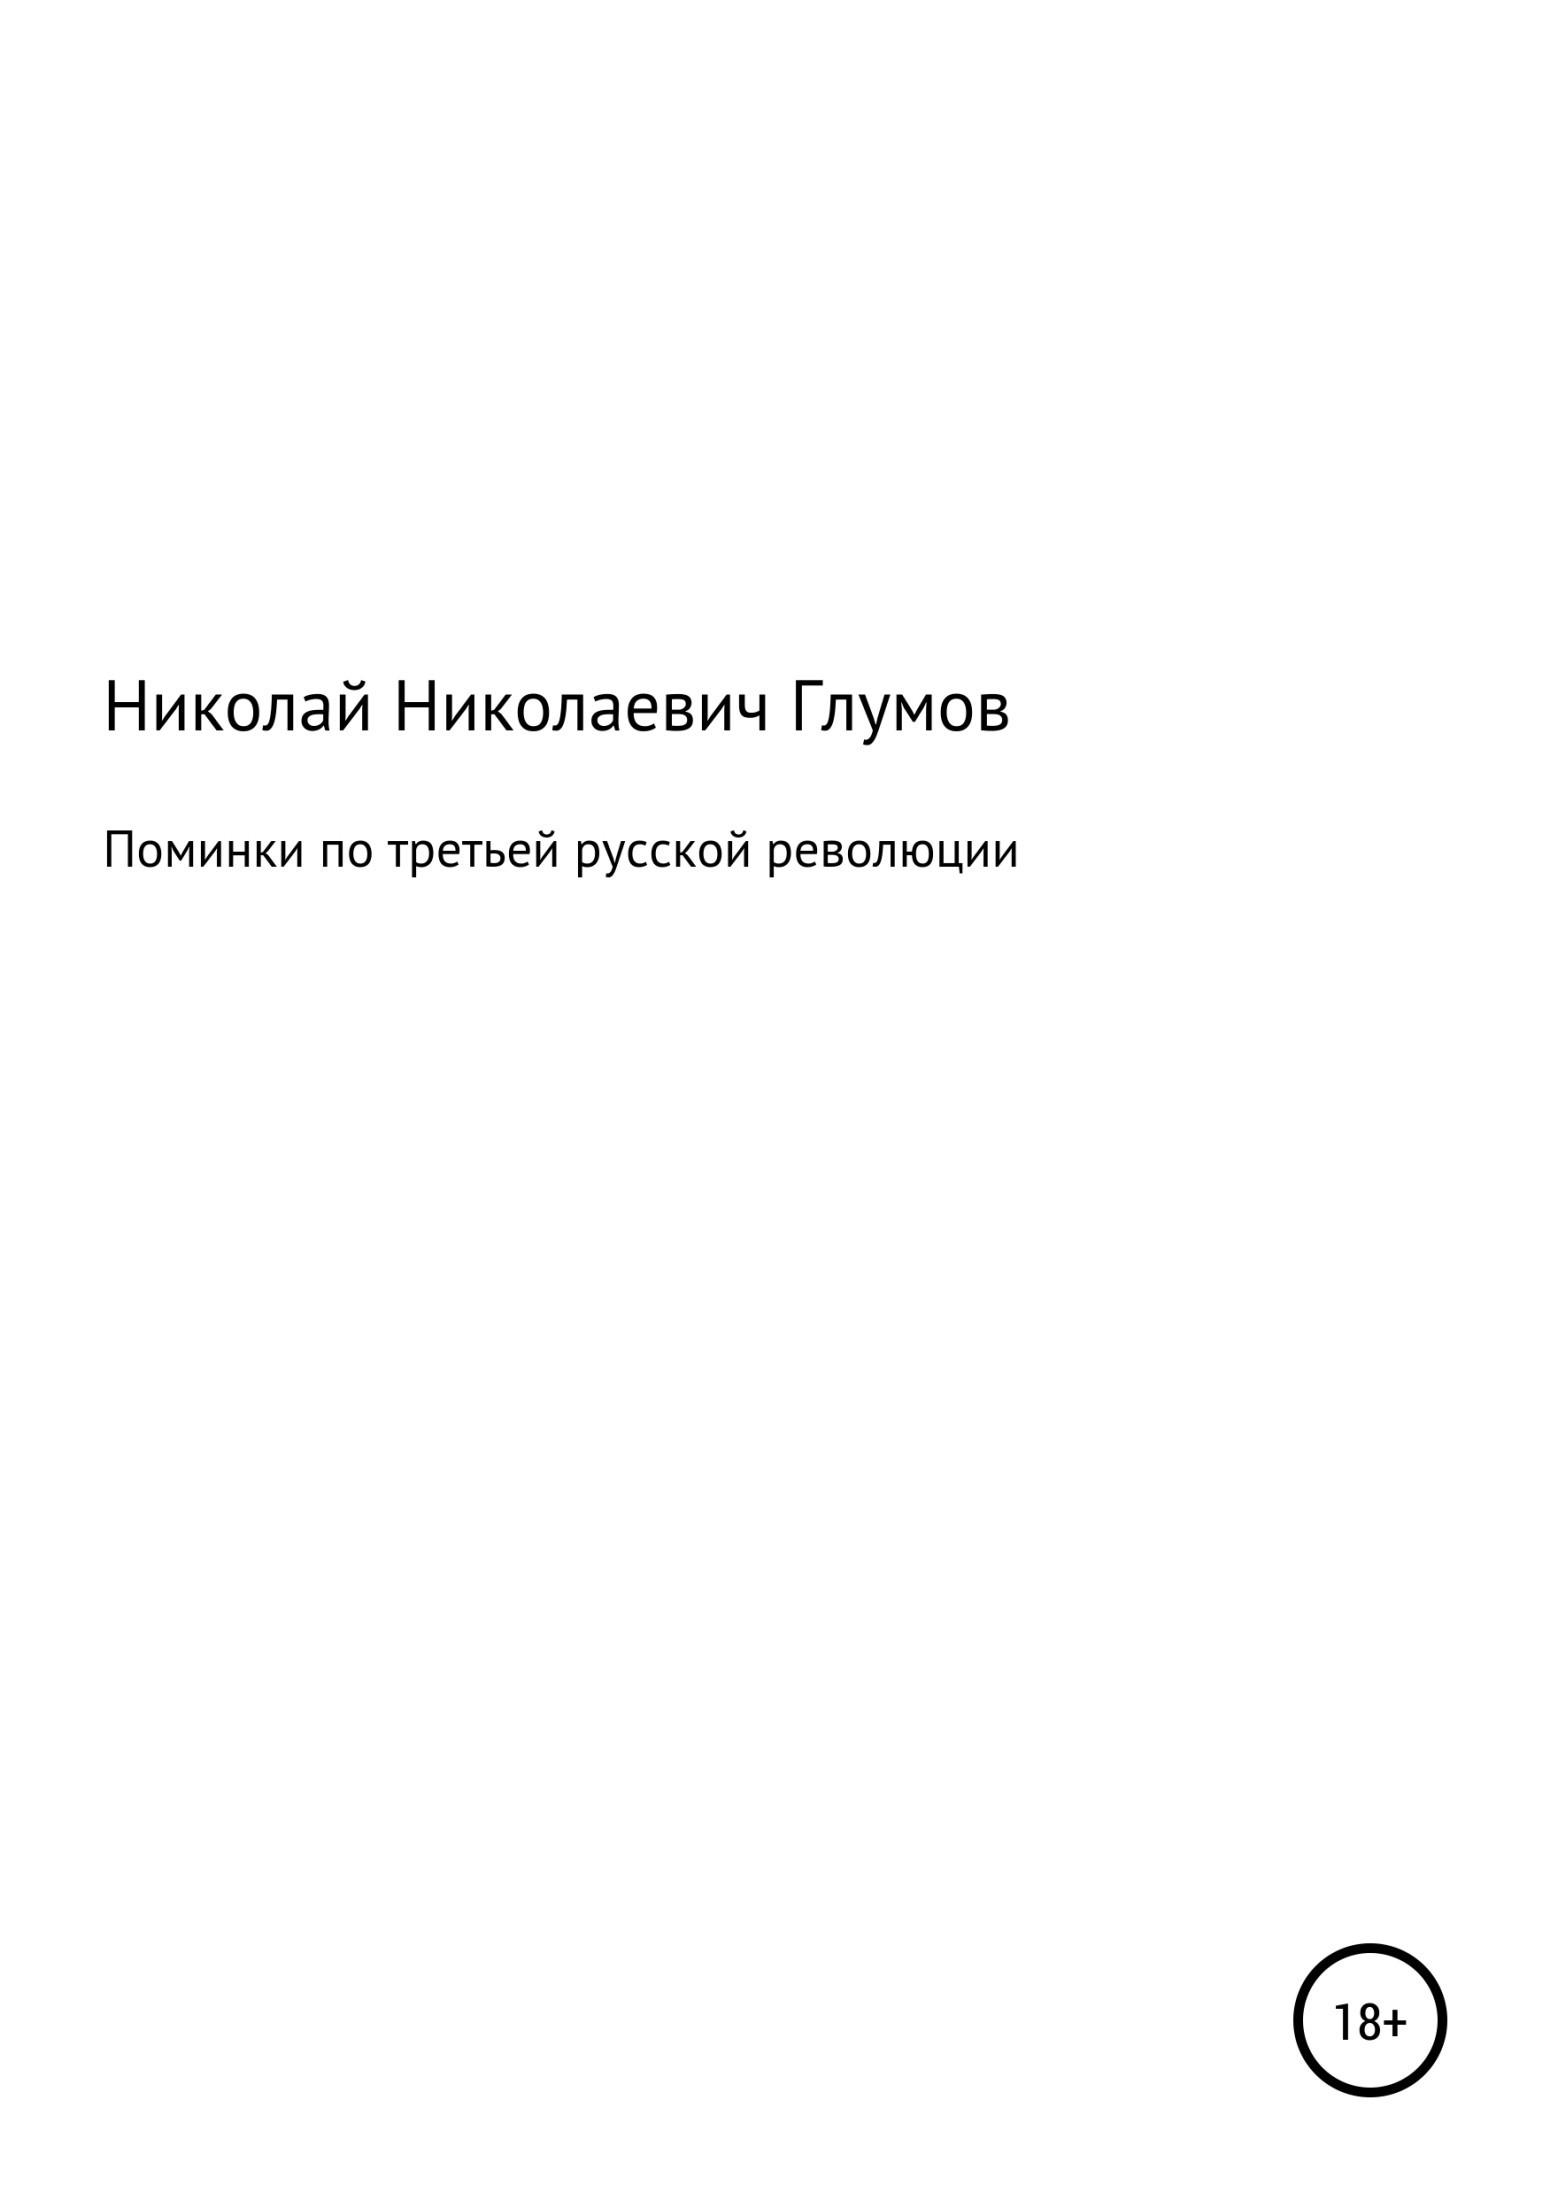 Николай Николаевич Глумов Поминки по третьей русской революции николай николаевич глумов красный флаг над заводом